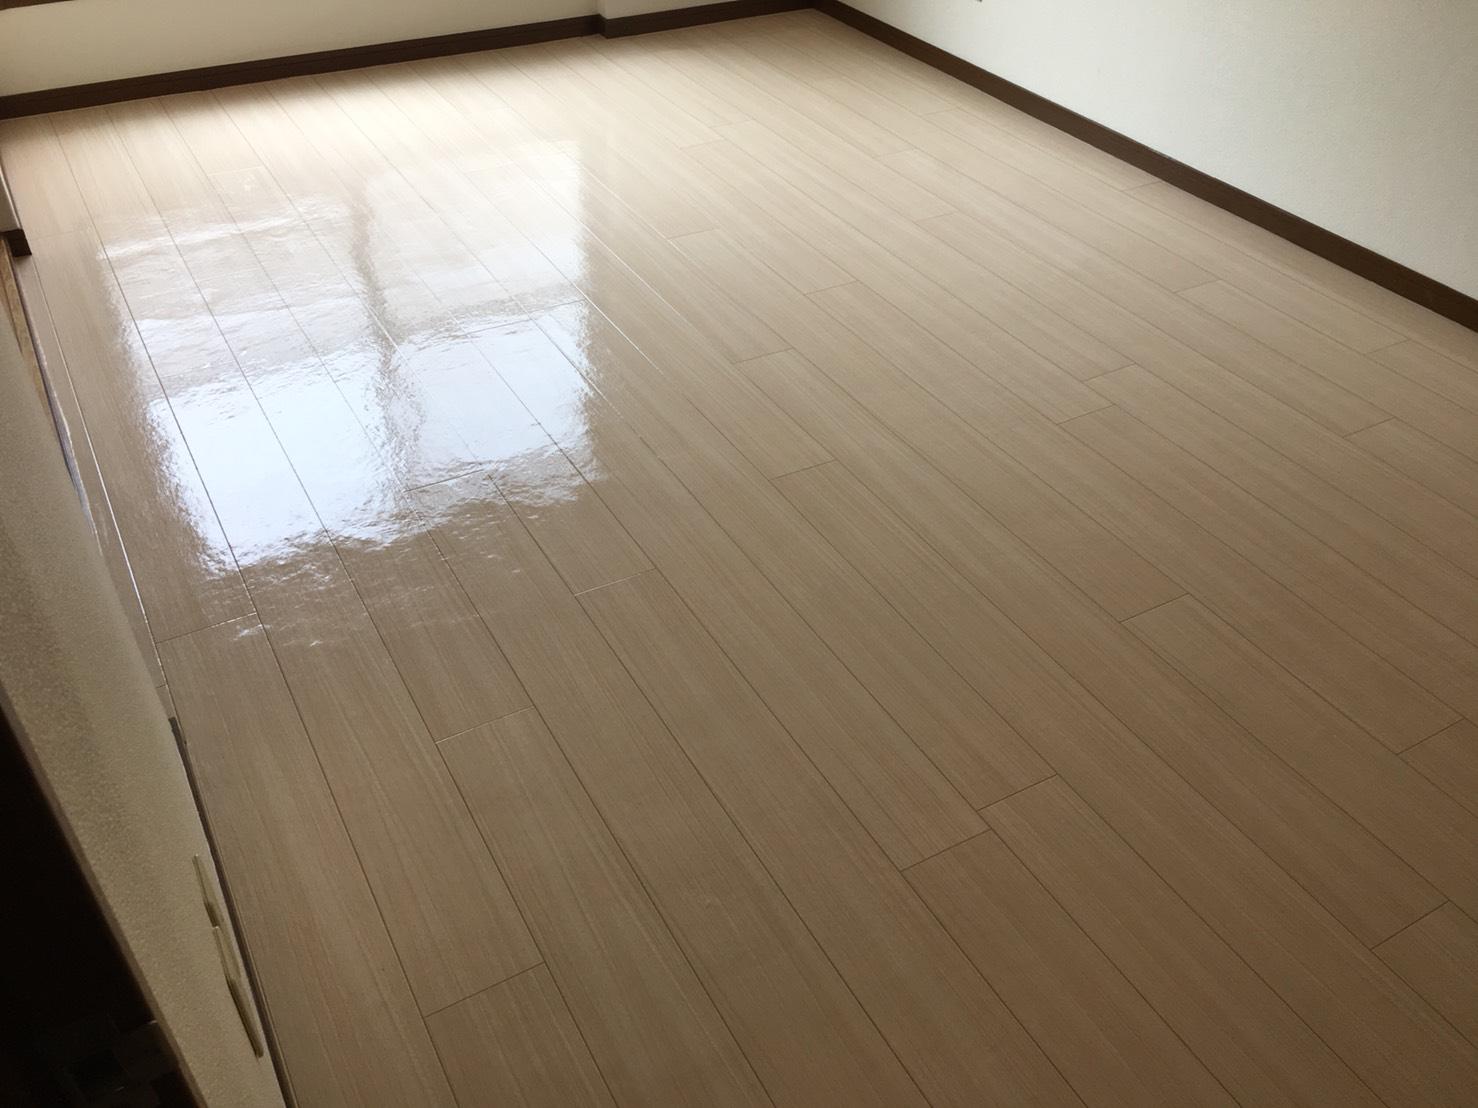 ムラなく綺麗!清掃スタッフが対応!高品質なワックスを使用するので床の光沢、輝きが違います!ご相談・お見積は無料です!お気軽にお問合せ下さい!ご相談・お見積は無料です!ハウスクリーニングは、おそうじプラスまで。